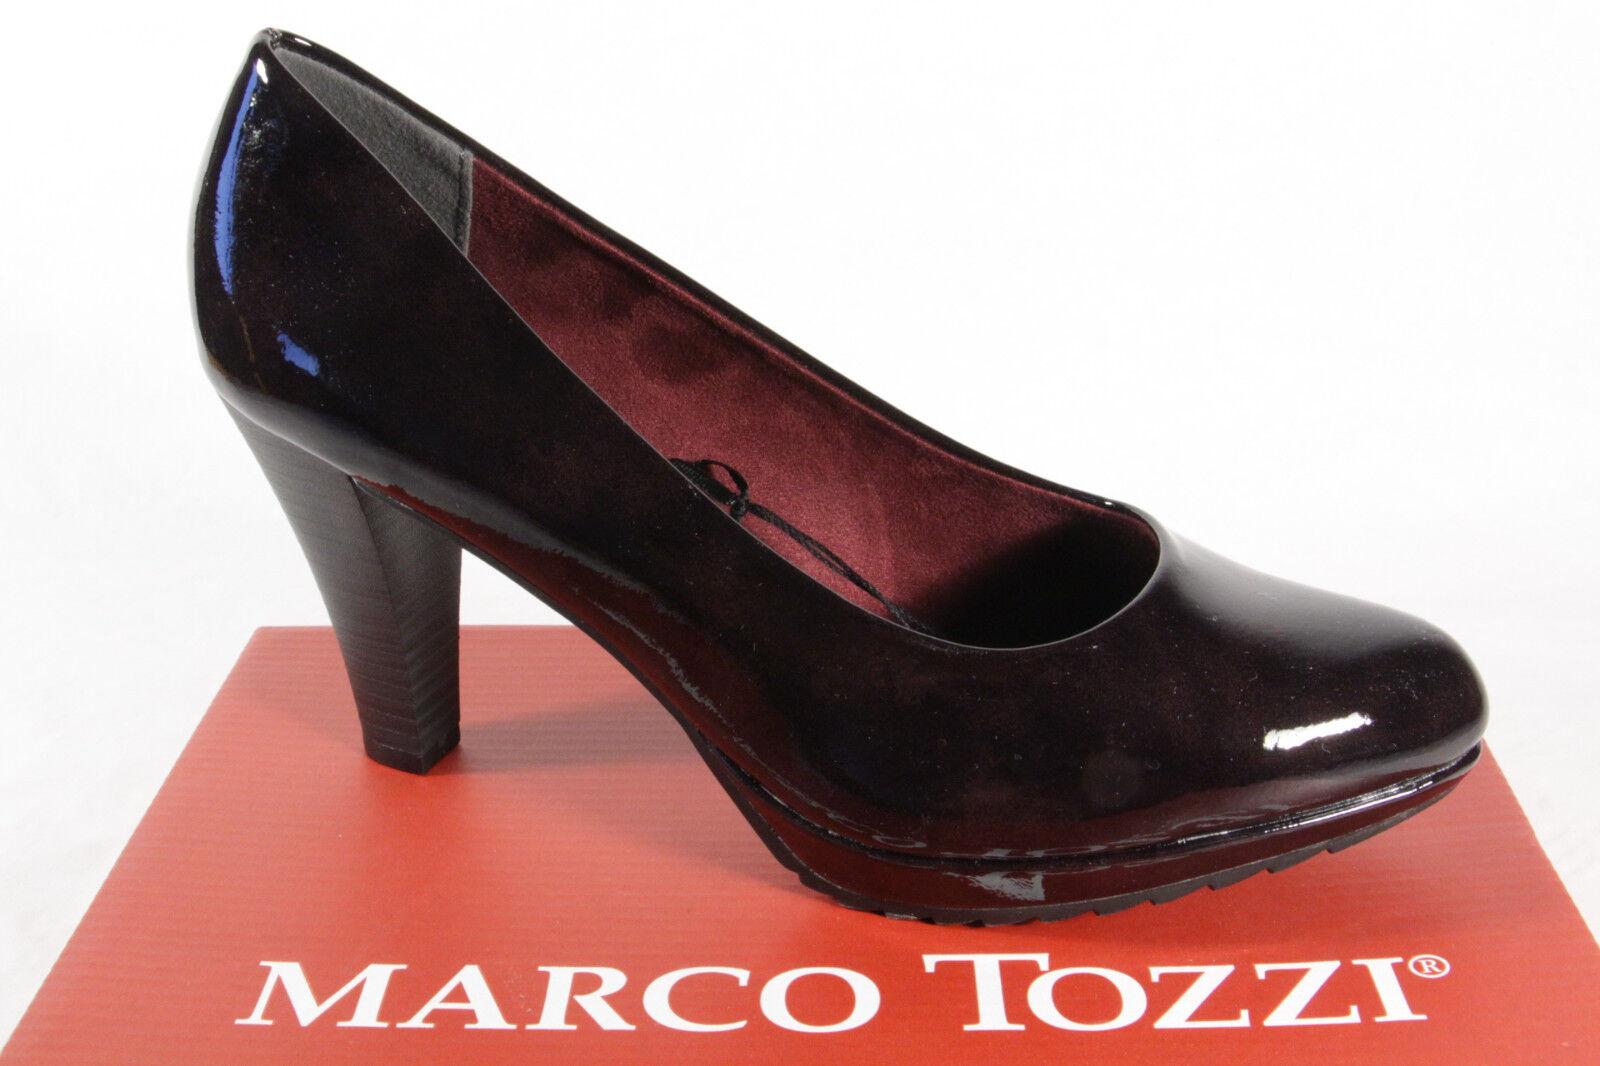 divertiti con uno sconto del 30-50% Marco Tozzi 22403 Décolleté Pantofola Mocassino Bordeaux Sottopiede Morbido Morbido Morbido  risparmiare sulla liquidazione